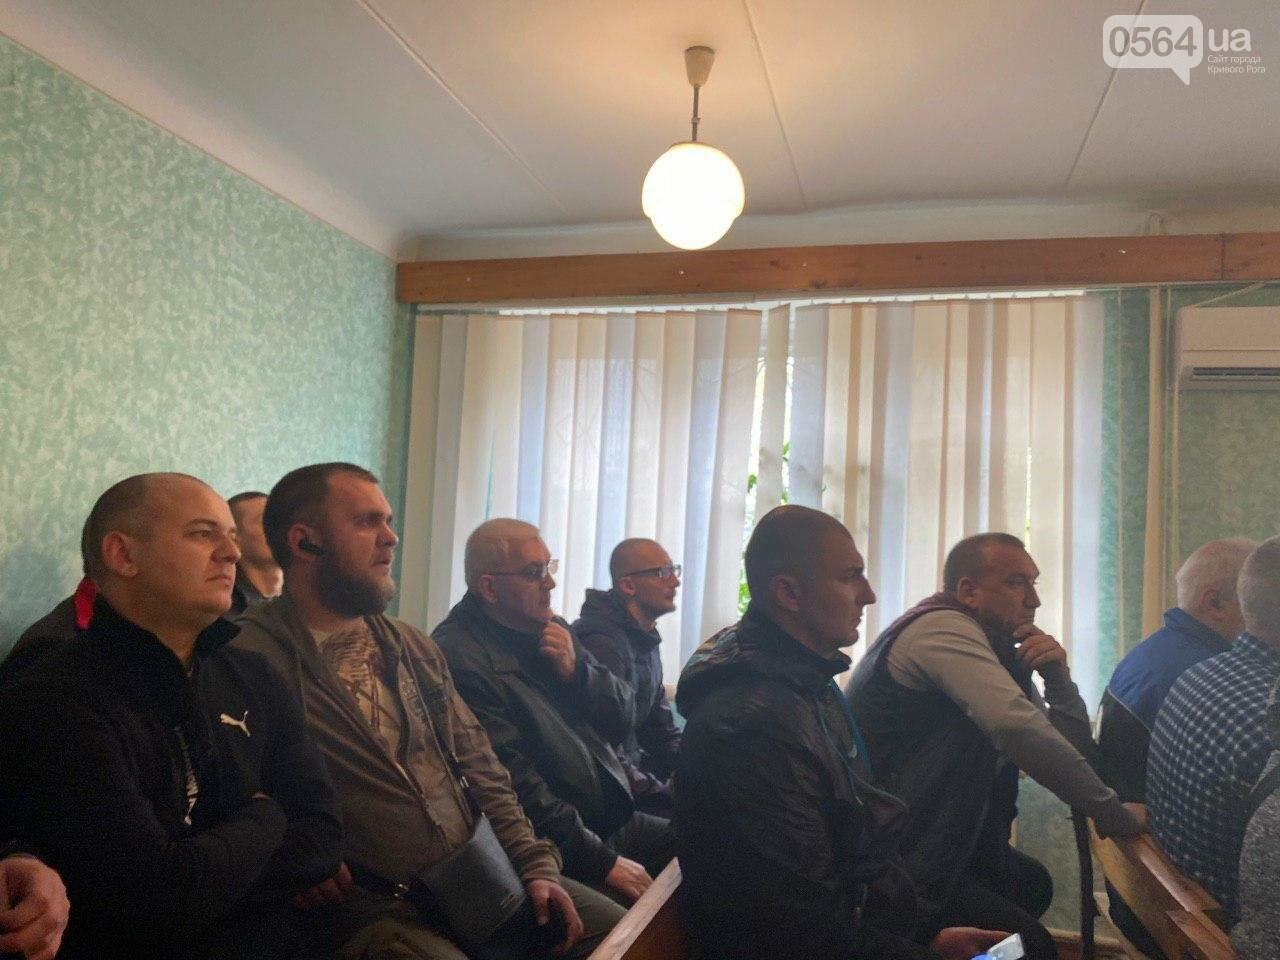 Нацгвардейца, исполосовавшего ножом таксиста в Кривом Роге, оставили под стражей еще на 2 месяца, - ФОТО , фото-1